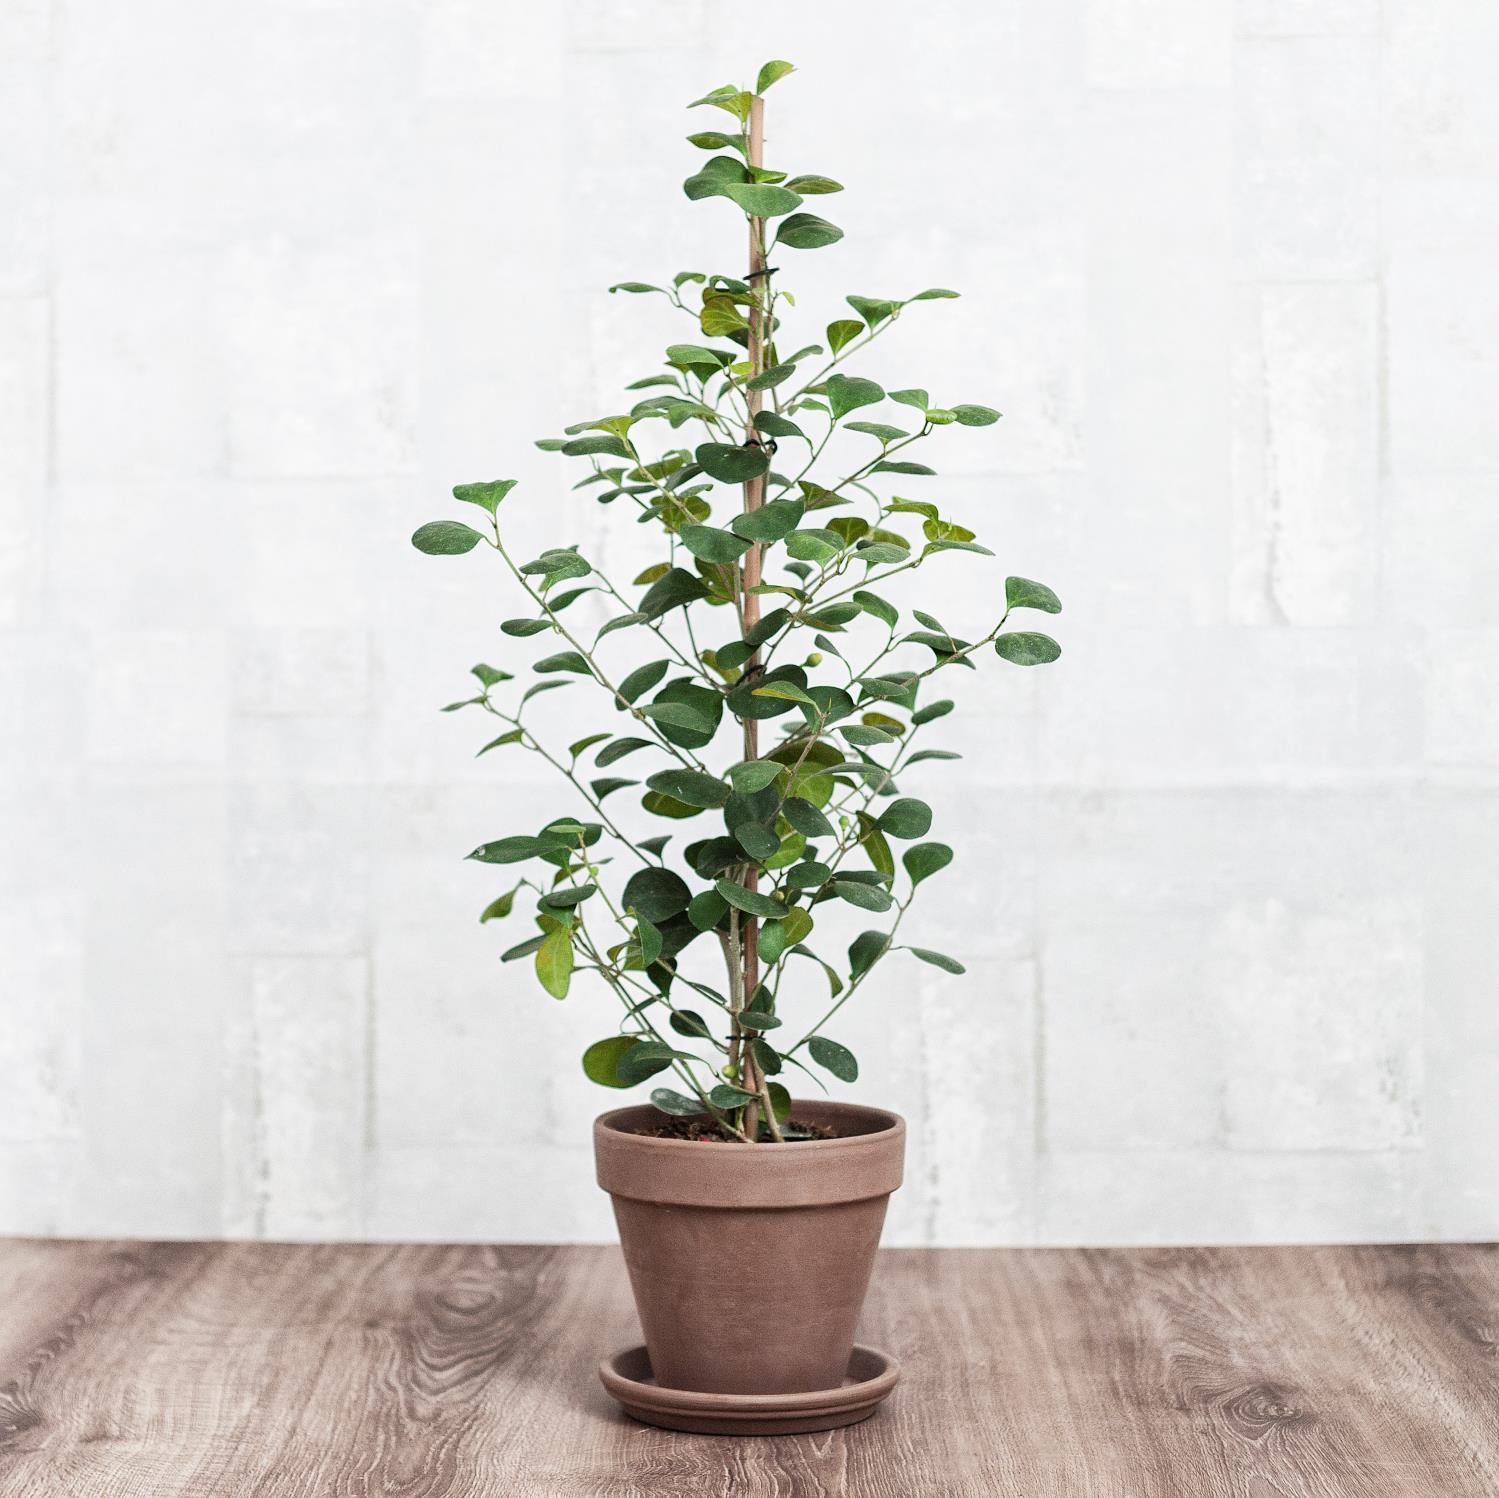 Grünpflanzen Green Plants Zimmerpflanzen: Zimmerpflanzen, Dekoration